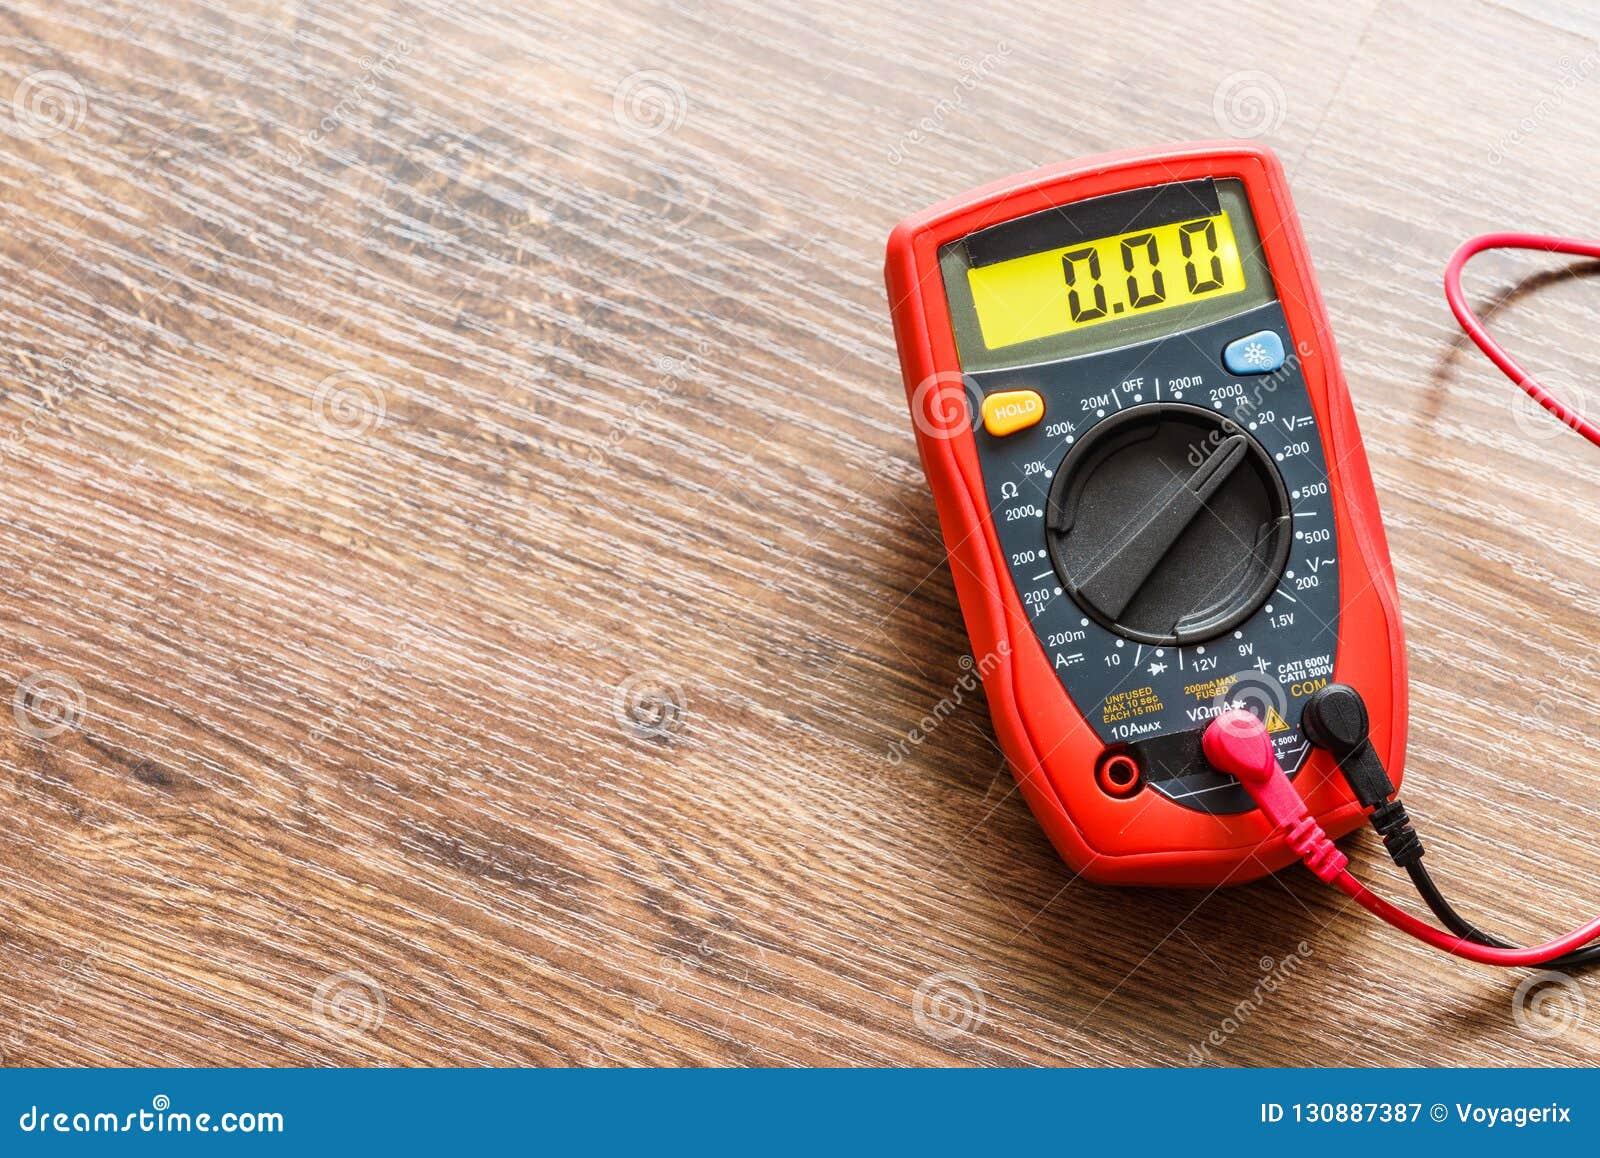 Вольтамперомметр для измерения напряжения тока